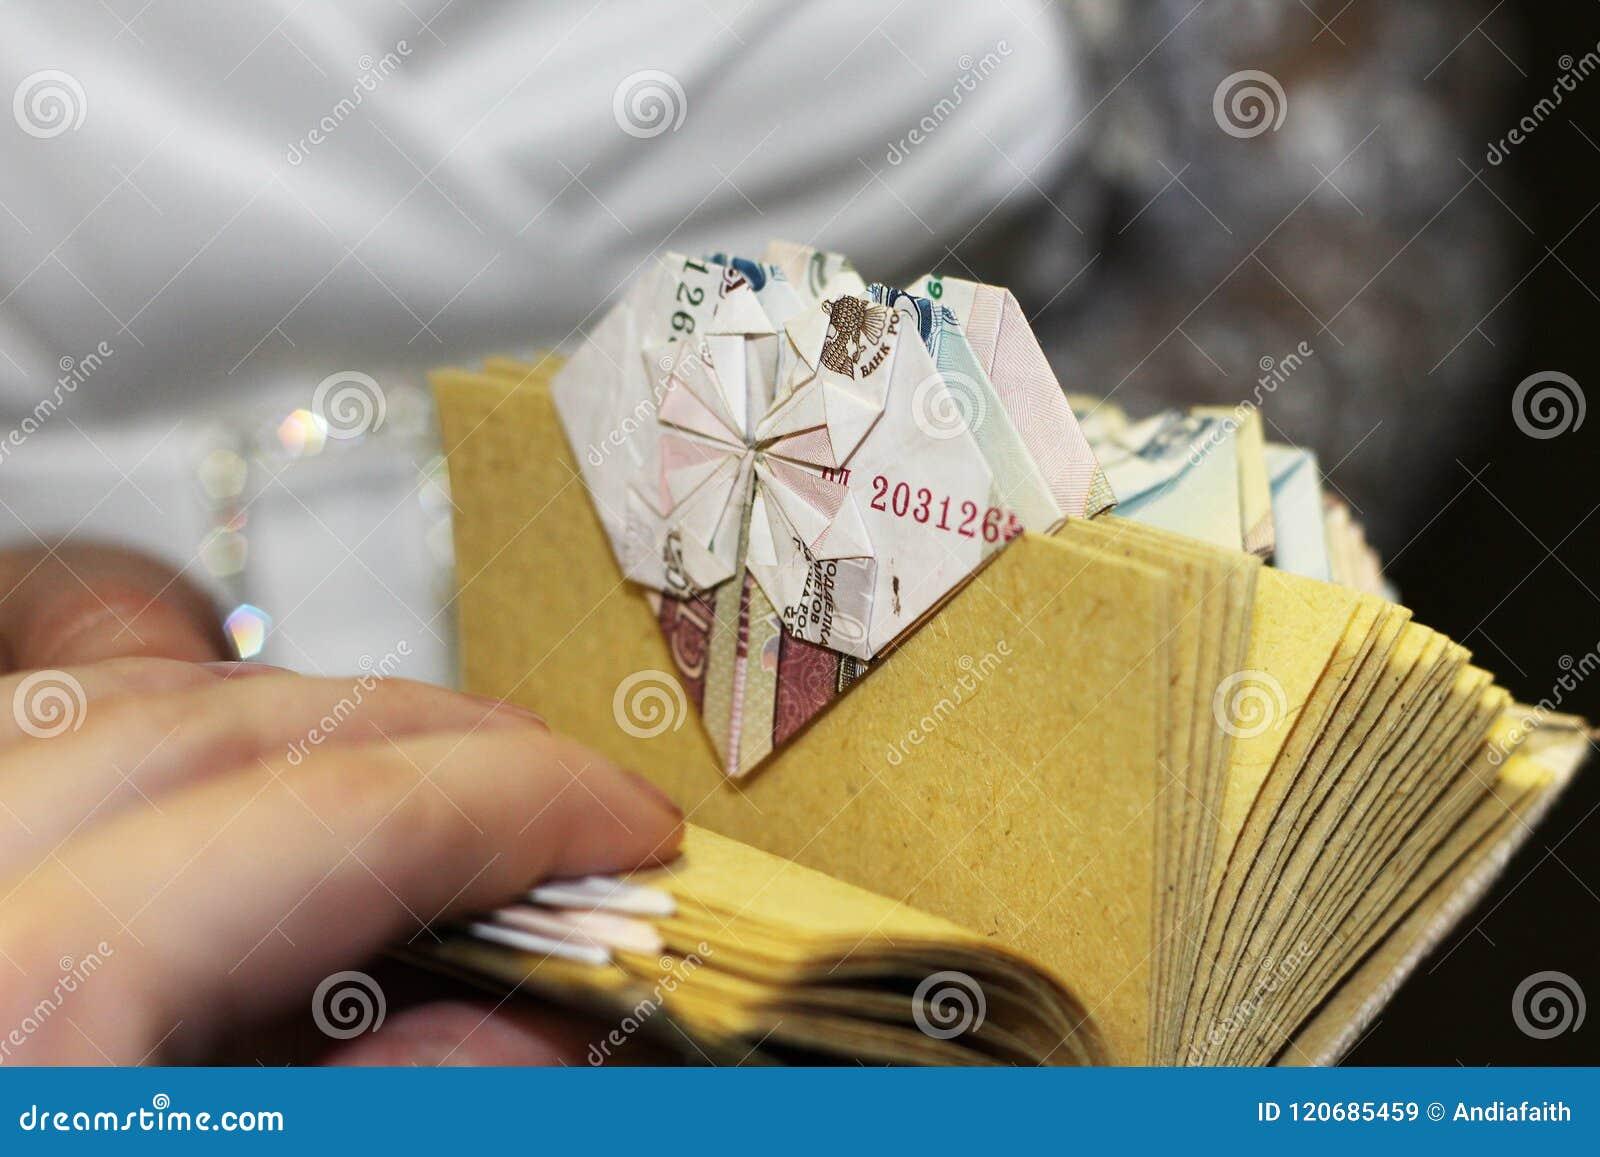 Origami Fait à Partir De Largent Comme Cadeau Pour Un